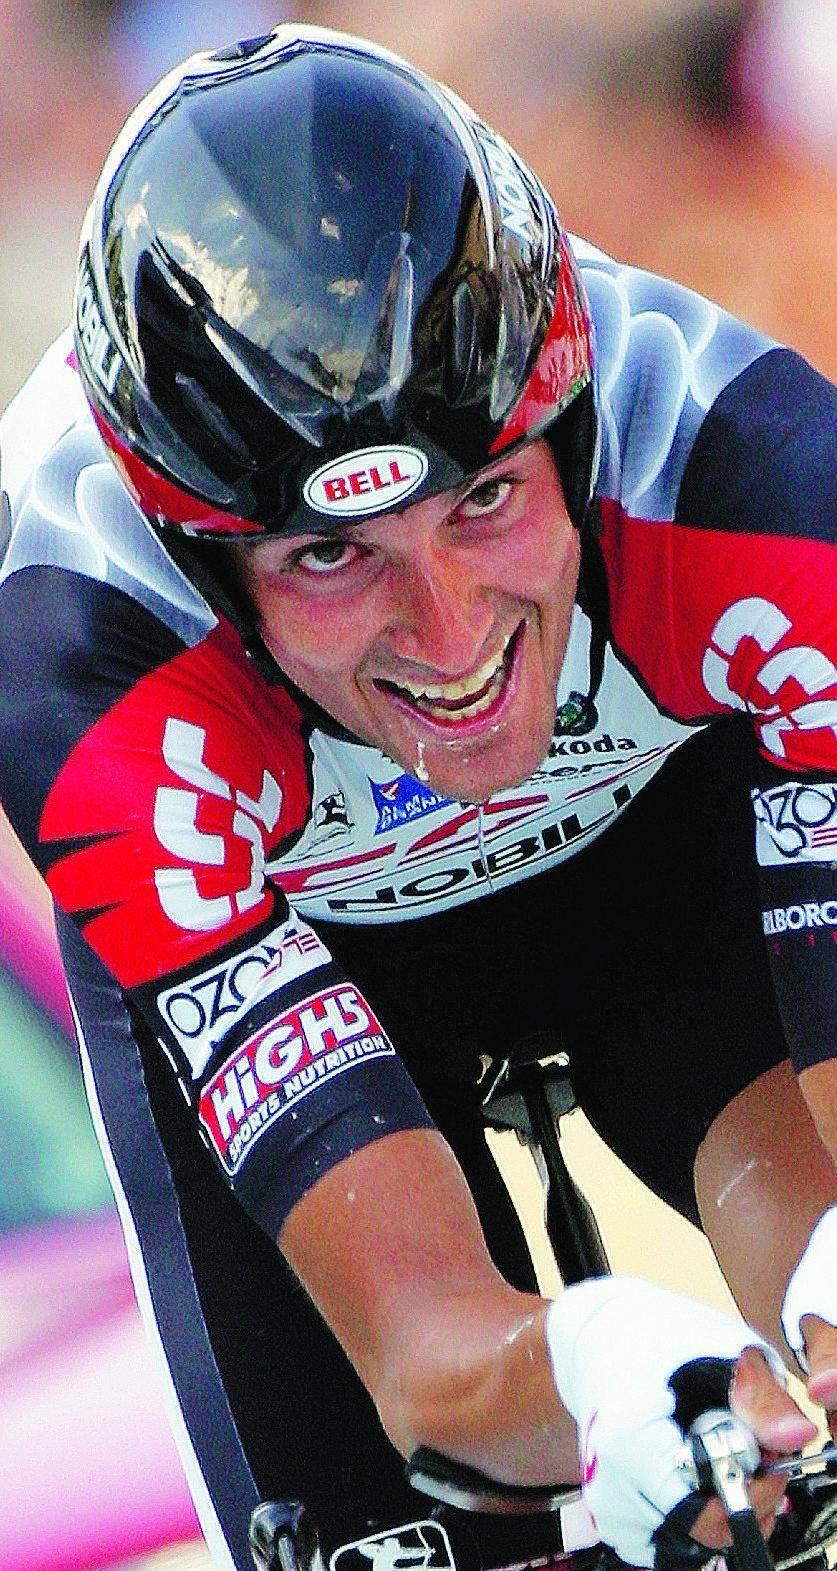 Basso sospeso dalla sua squadra Il Giro è a rischio